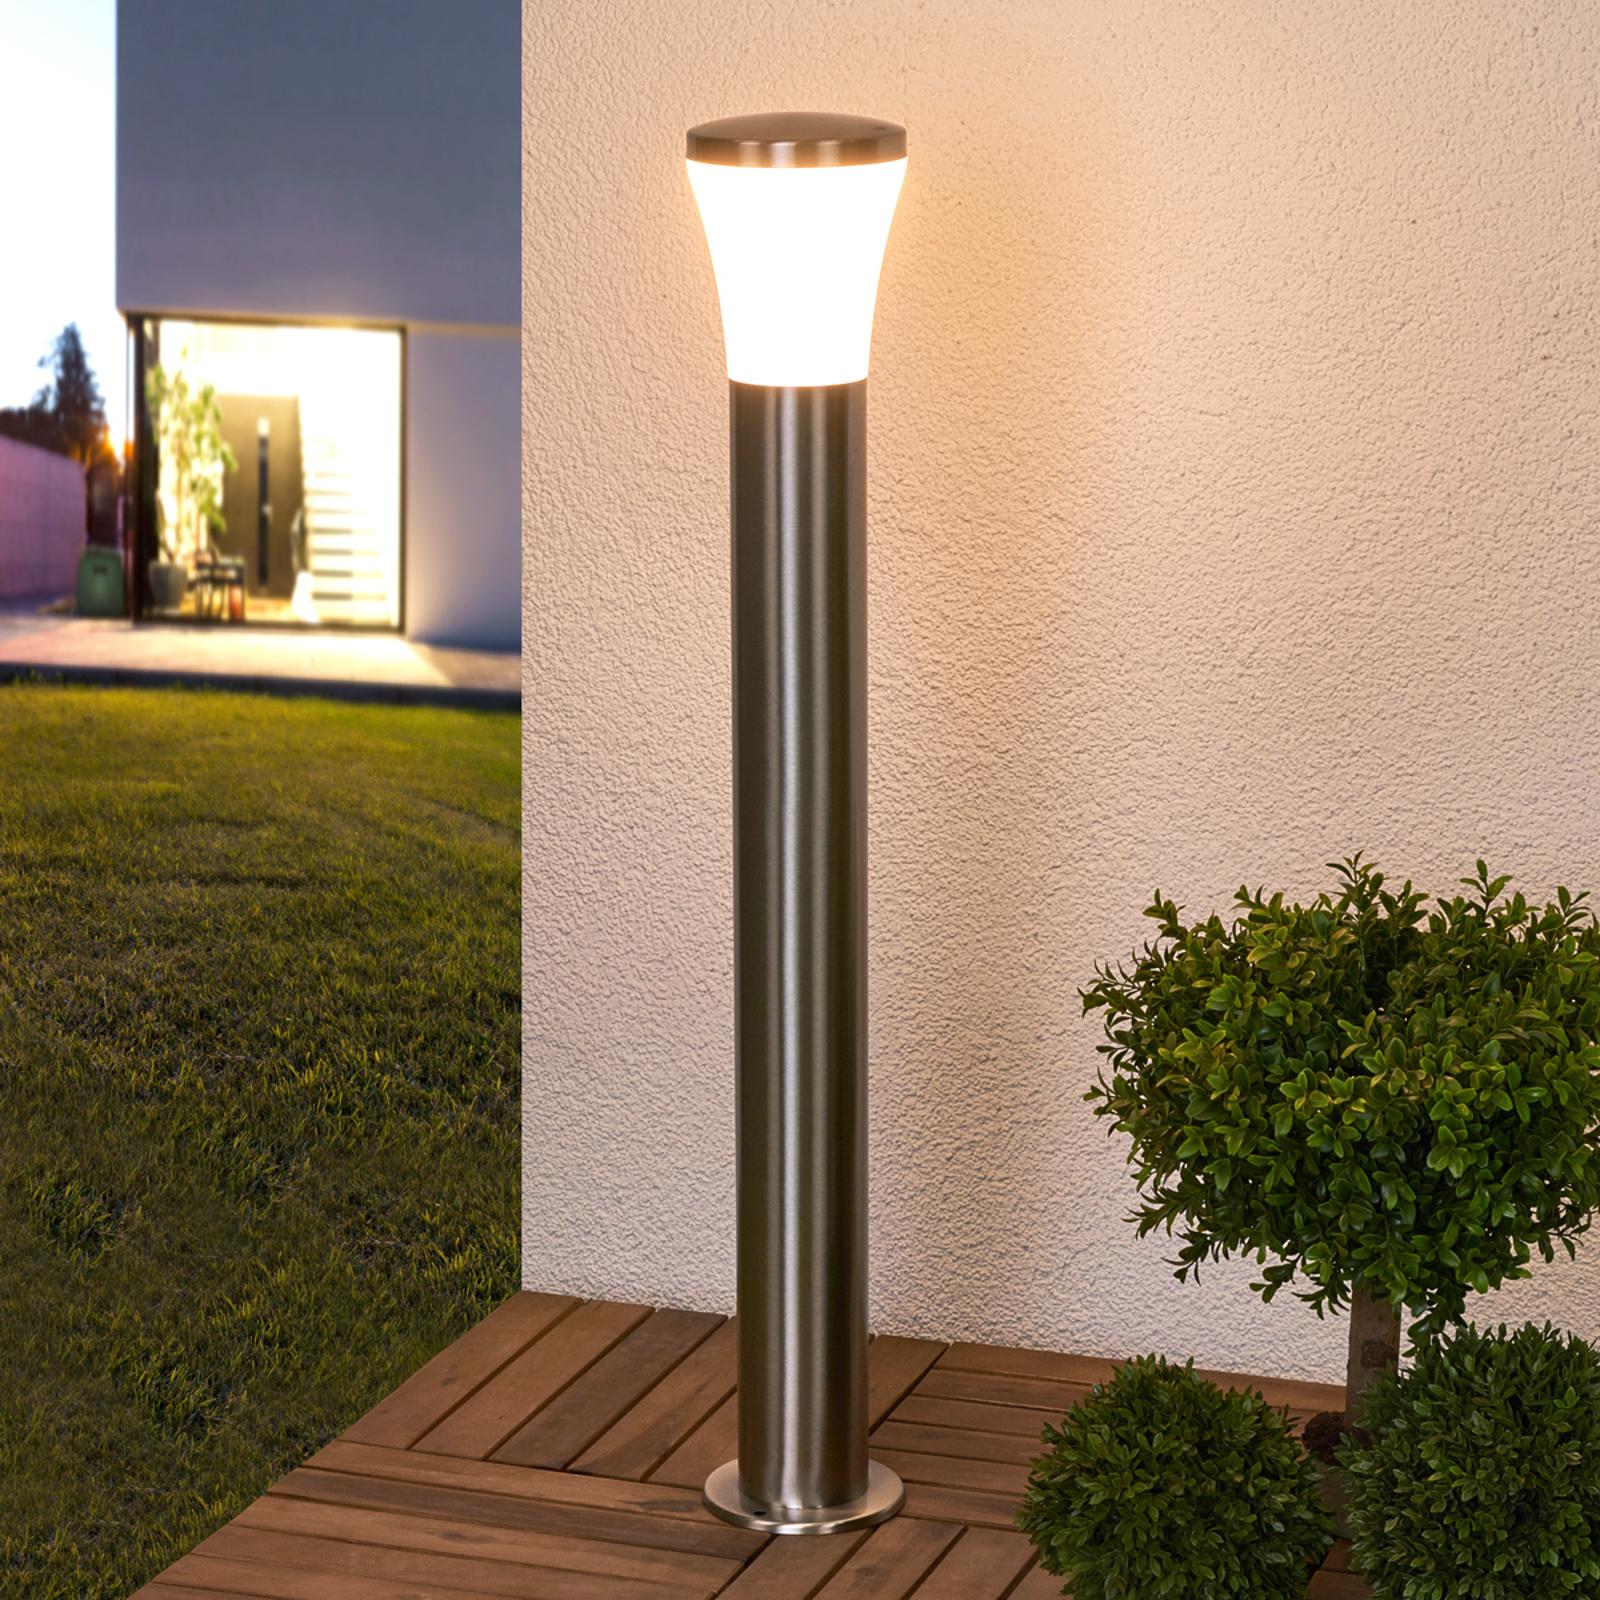 LED-pylväsvalaisin Sumea ruostumatonta terästä